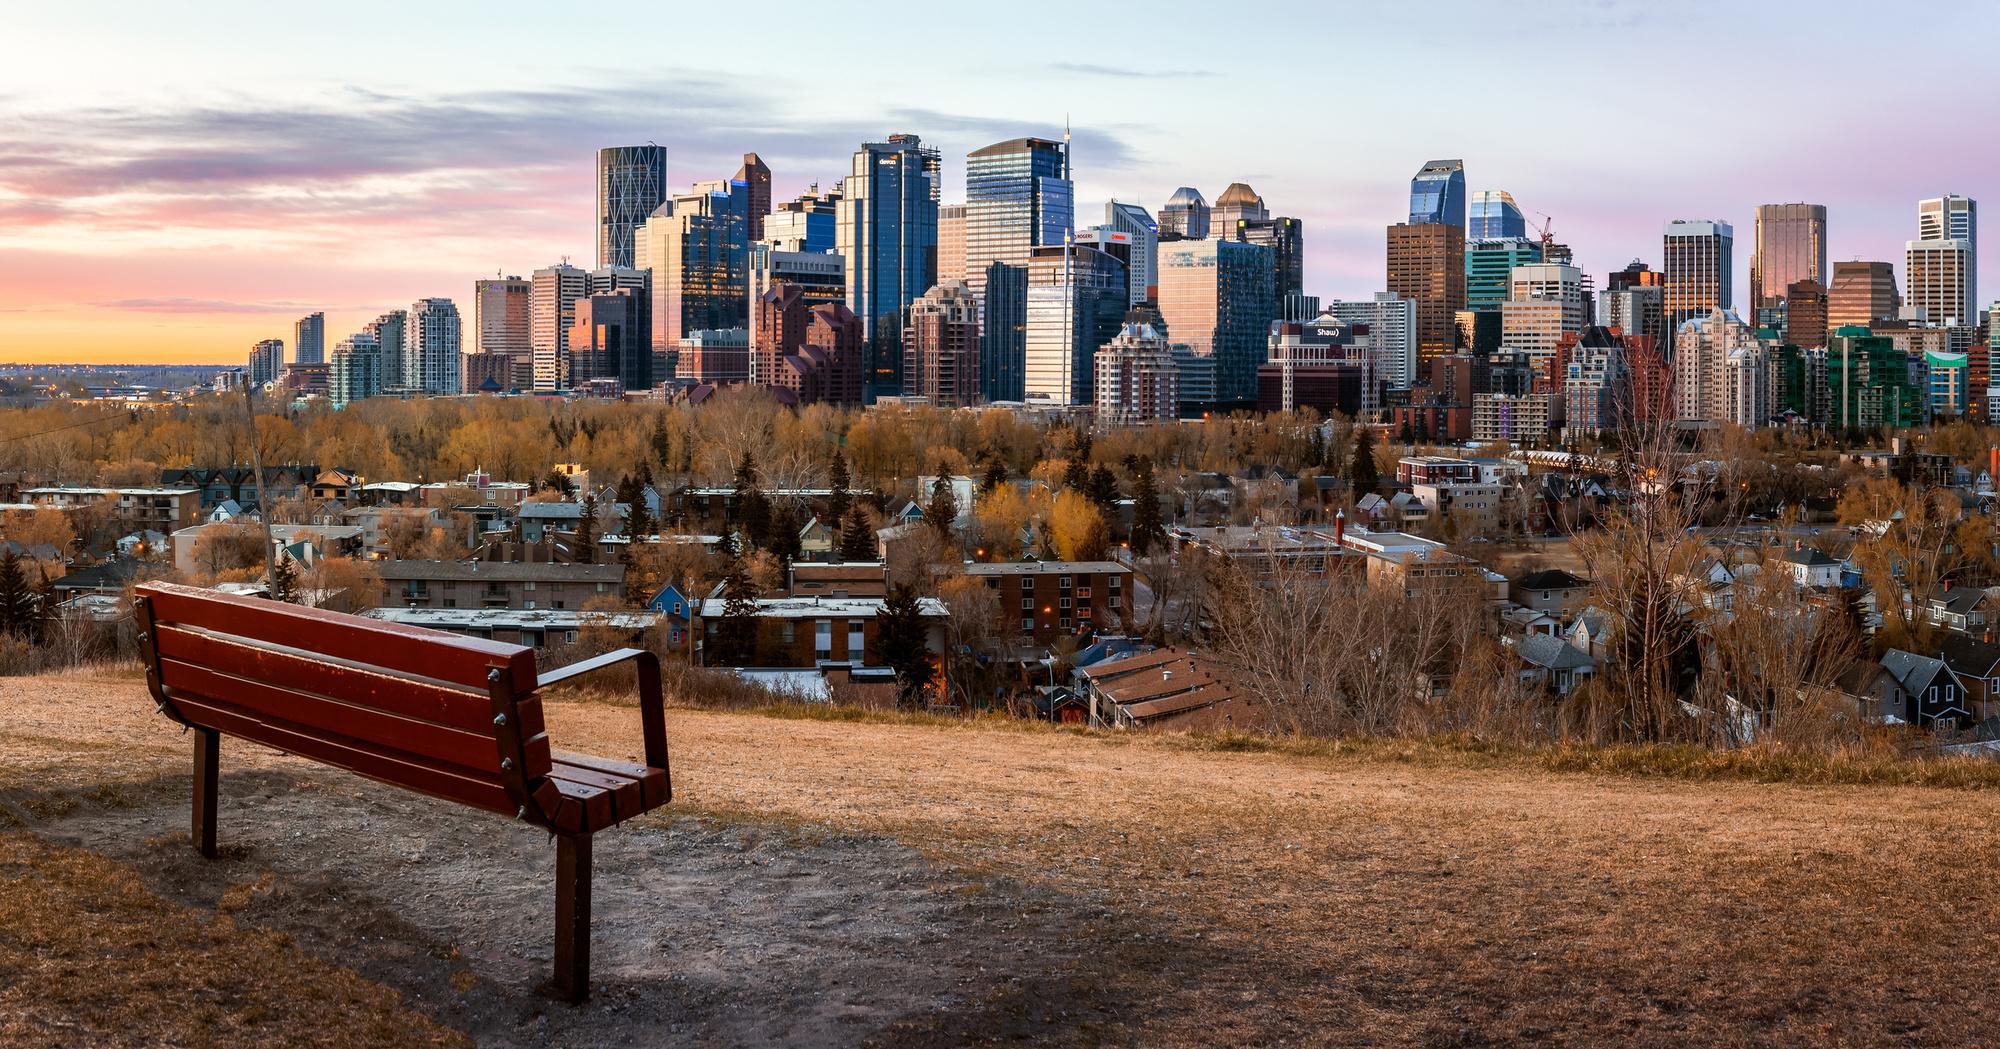 Calgary (Canada), iStock